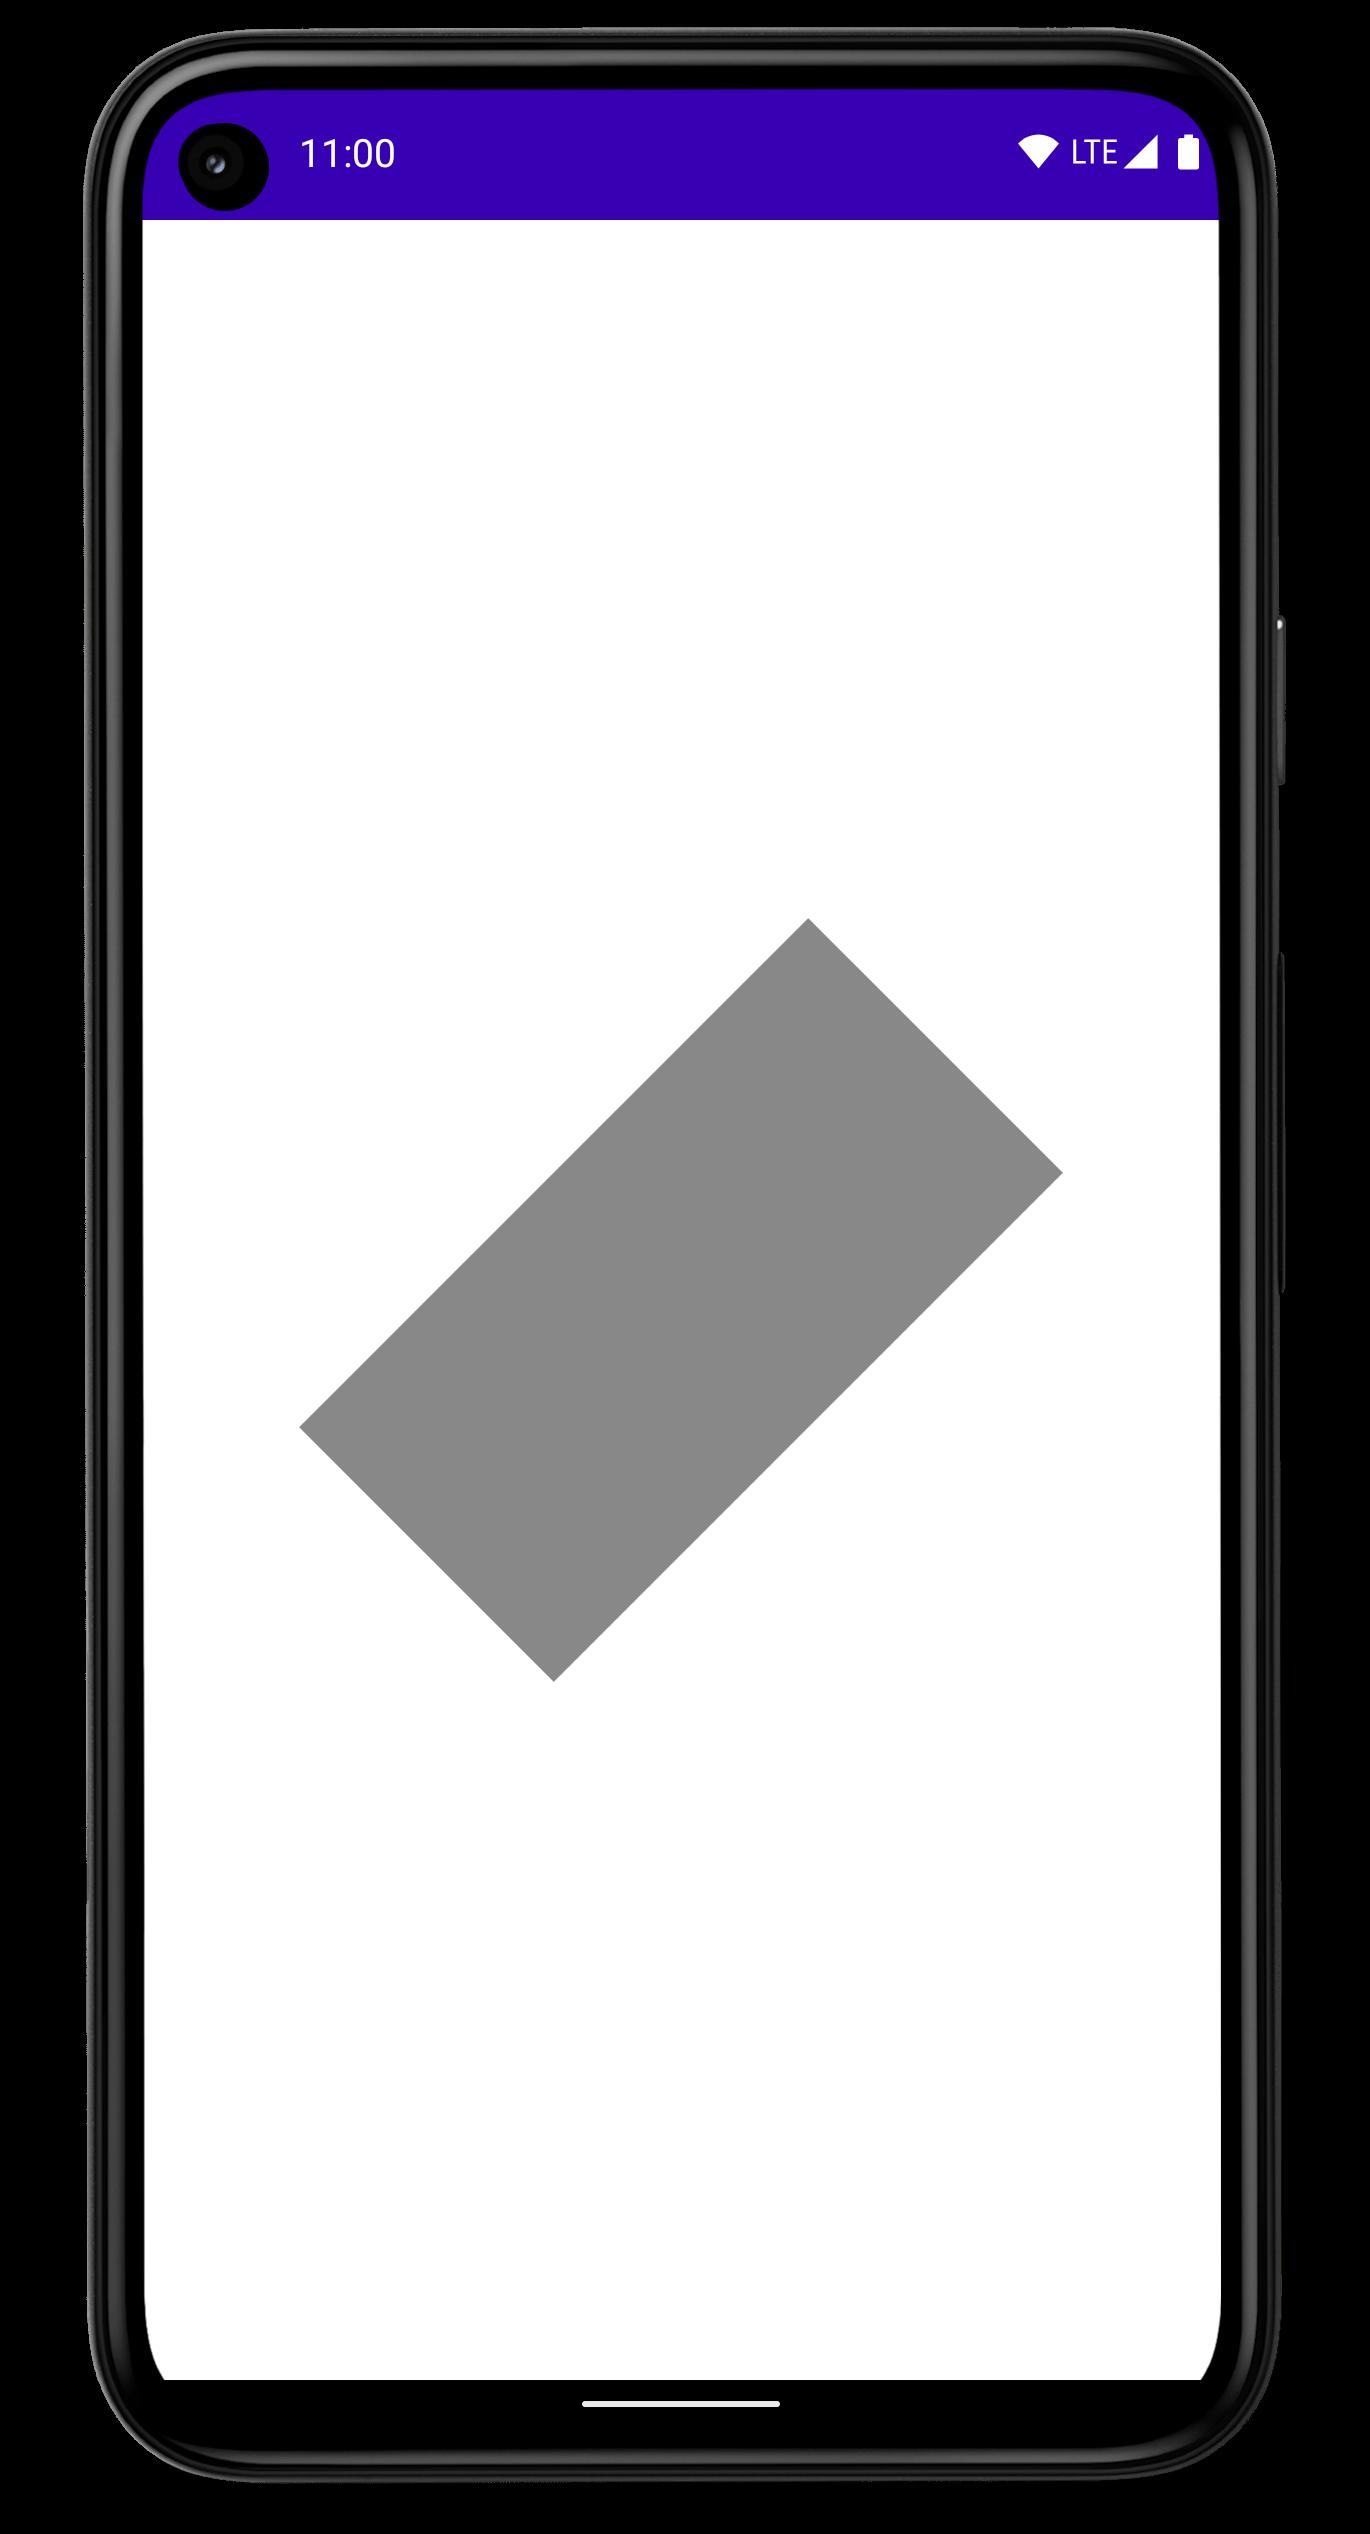 45 度回転した長方形が画面中央に表示されたスマートフォン。